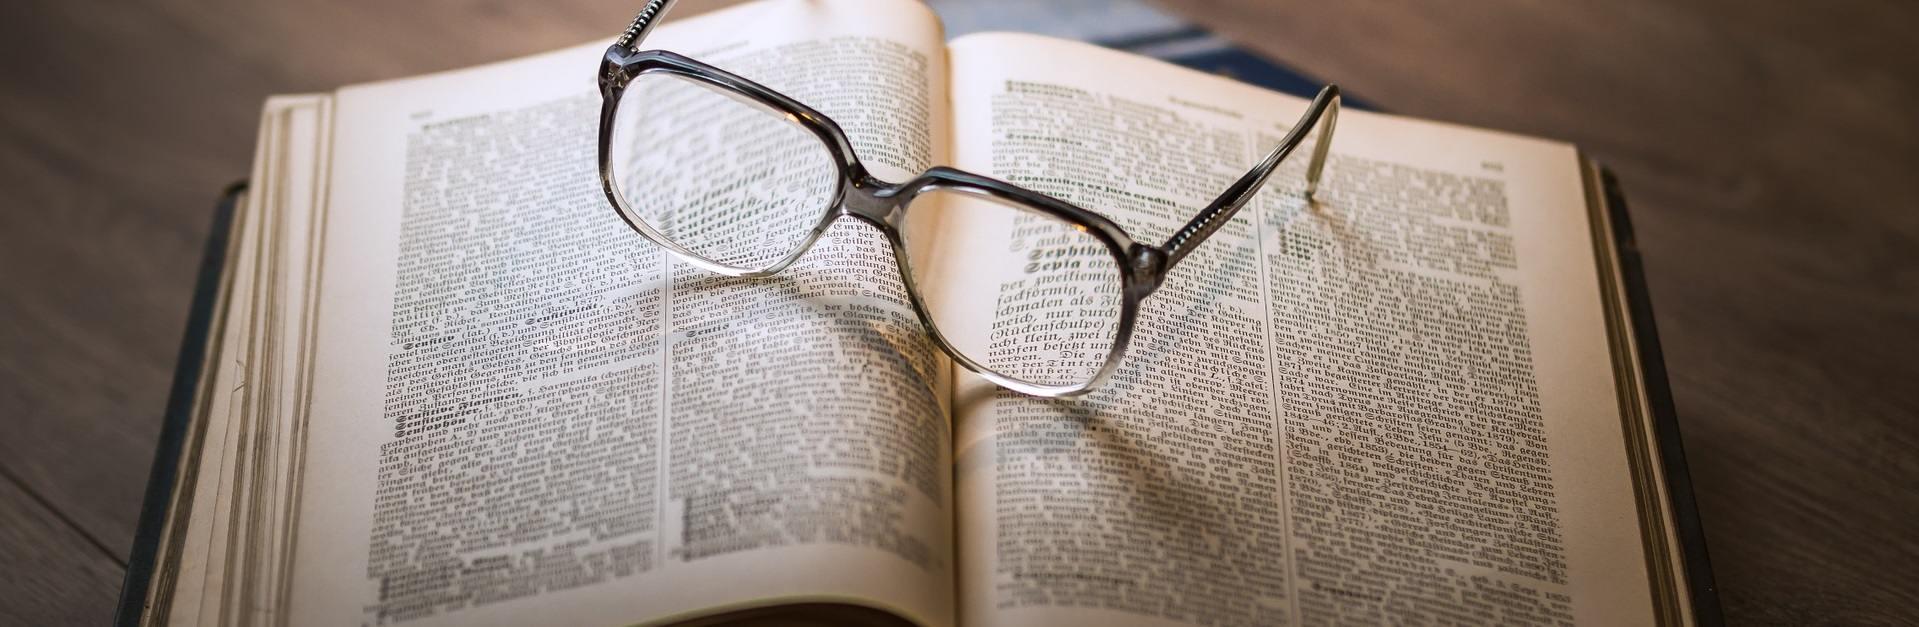 open boek met bril erop